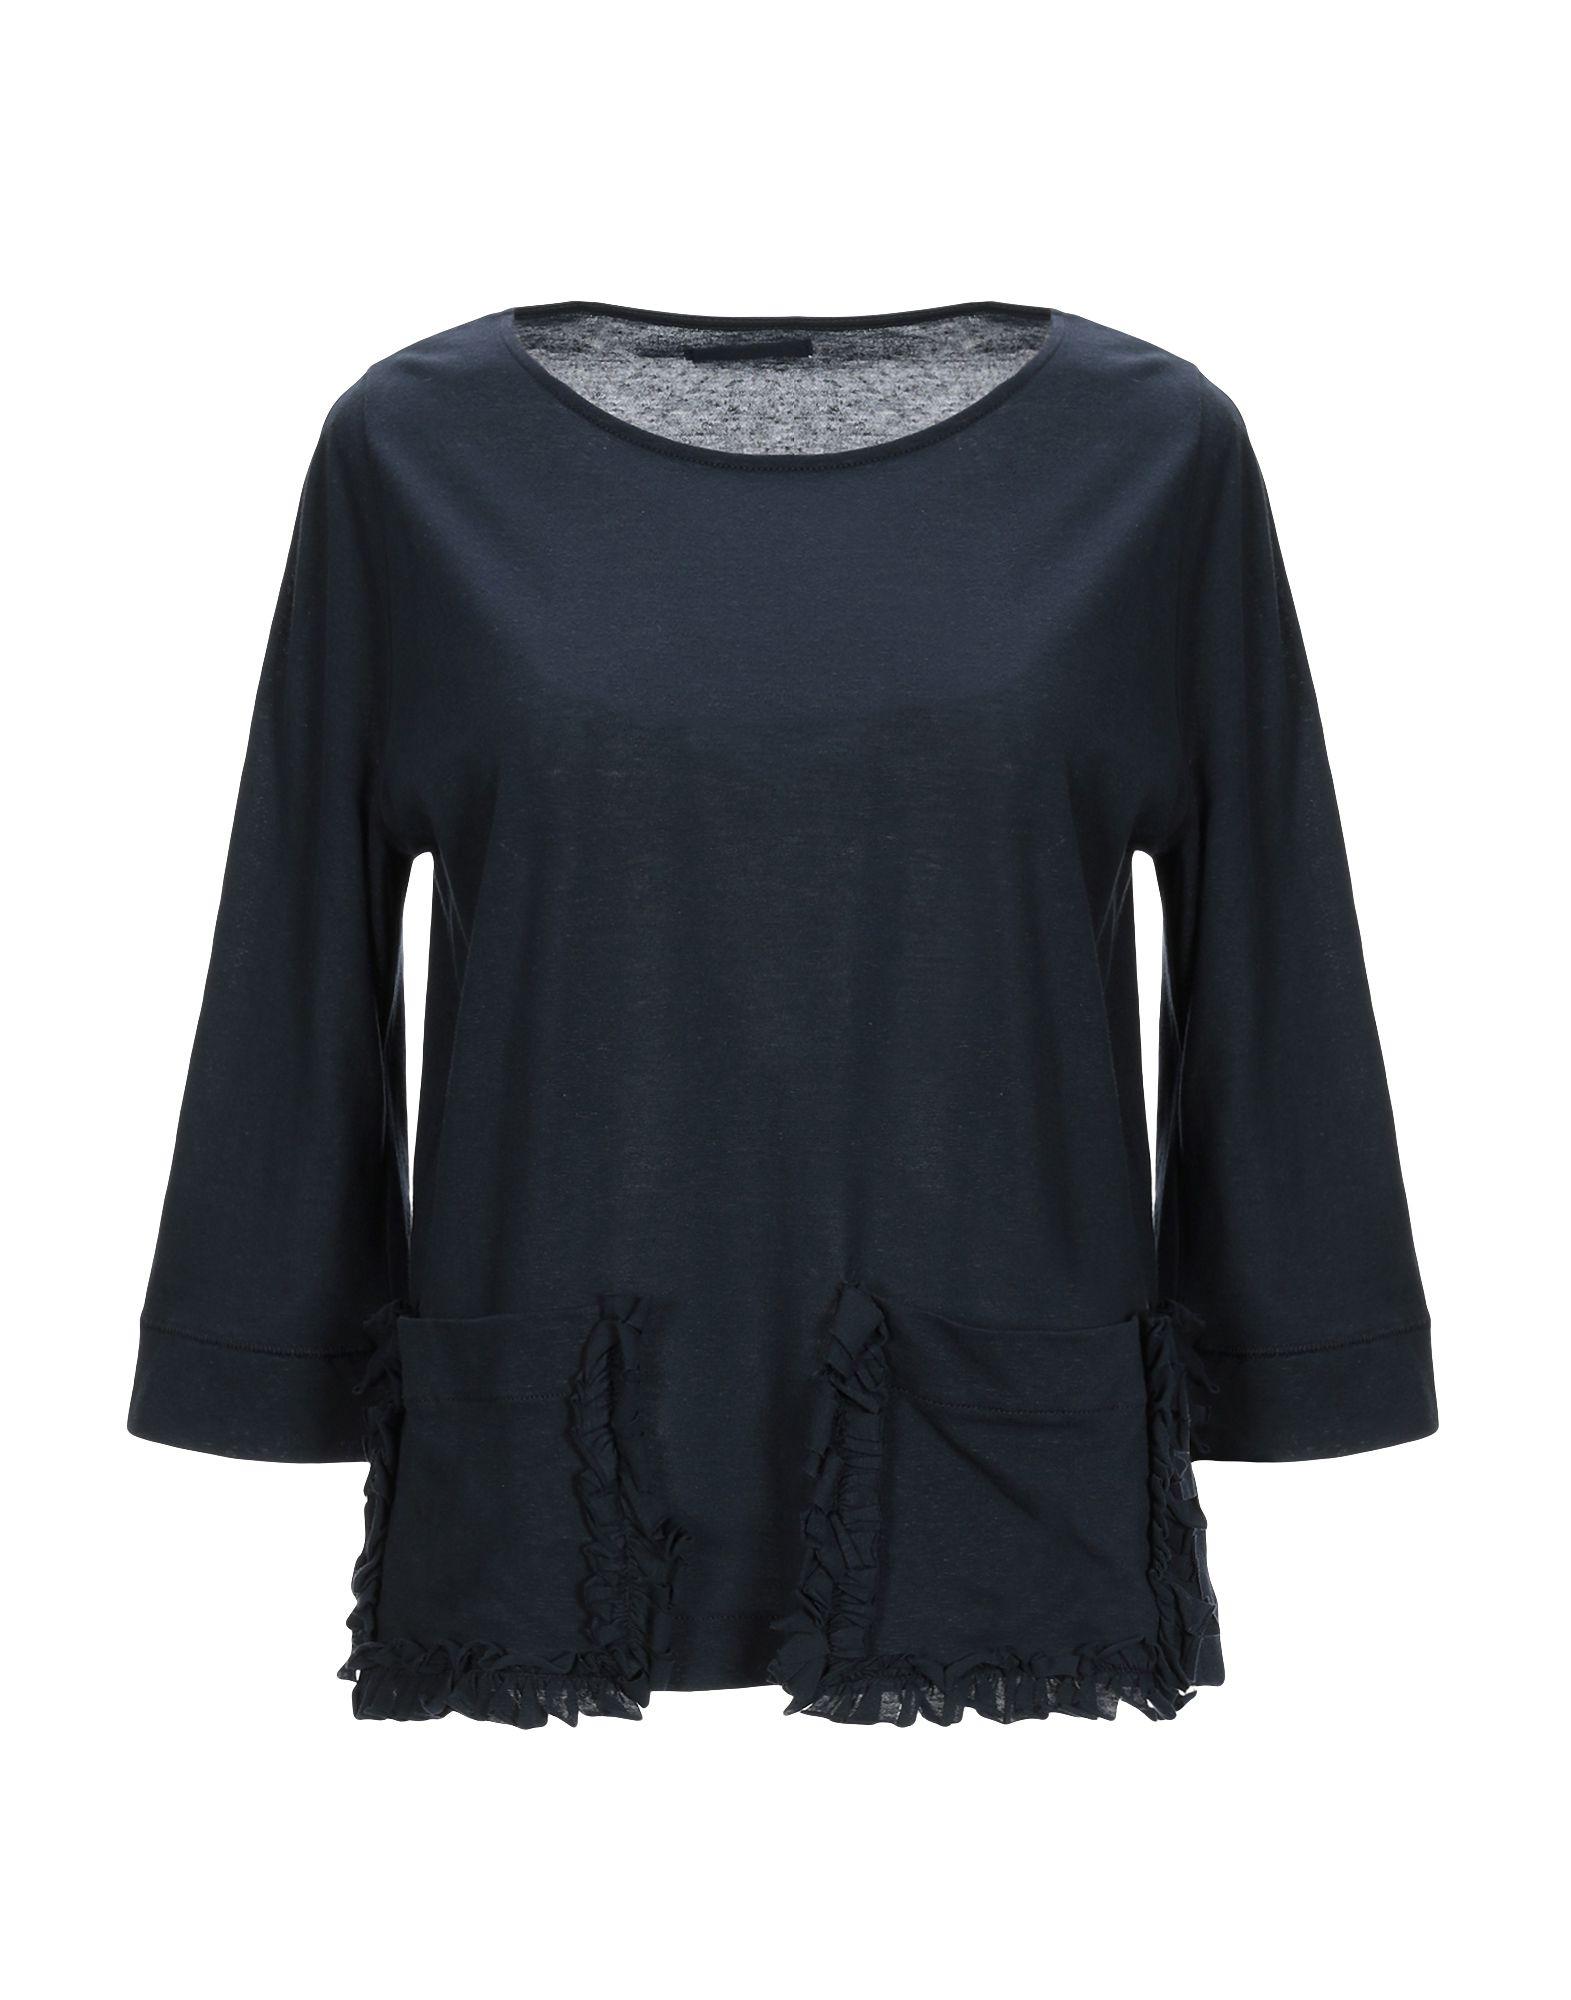 T-Shirt Ar vio B donna donna donna - 12285576US 3fd